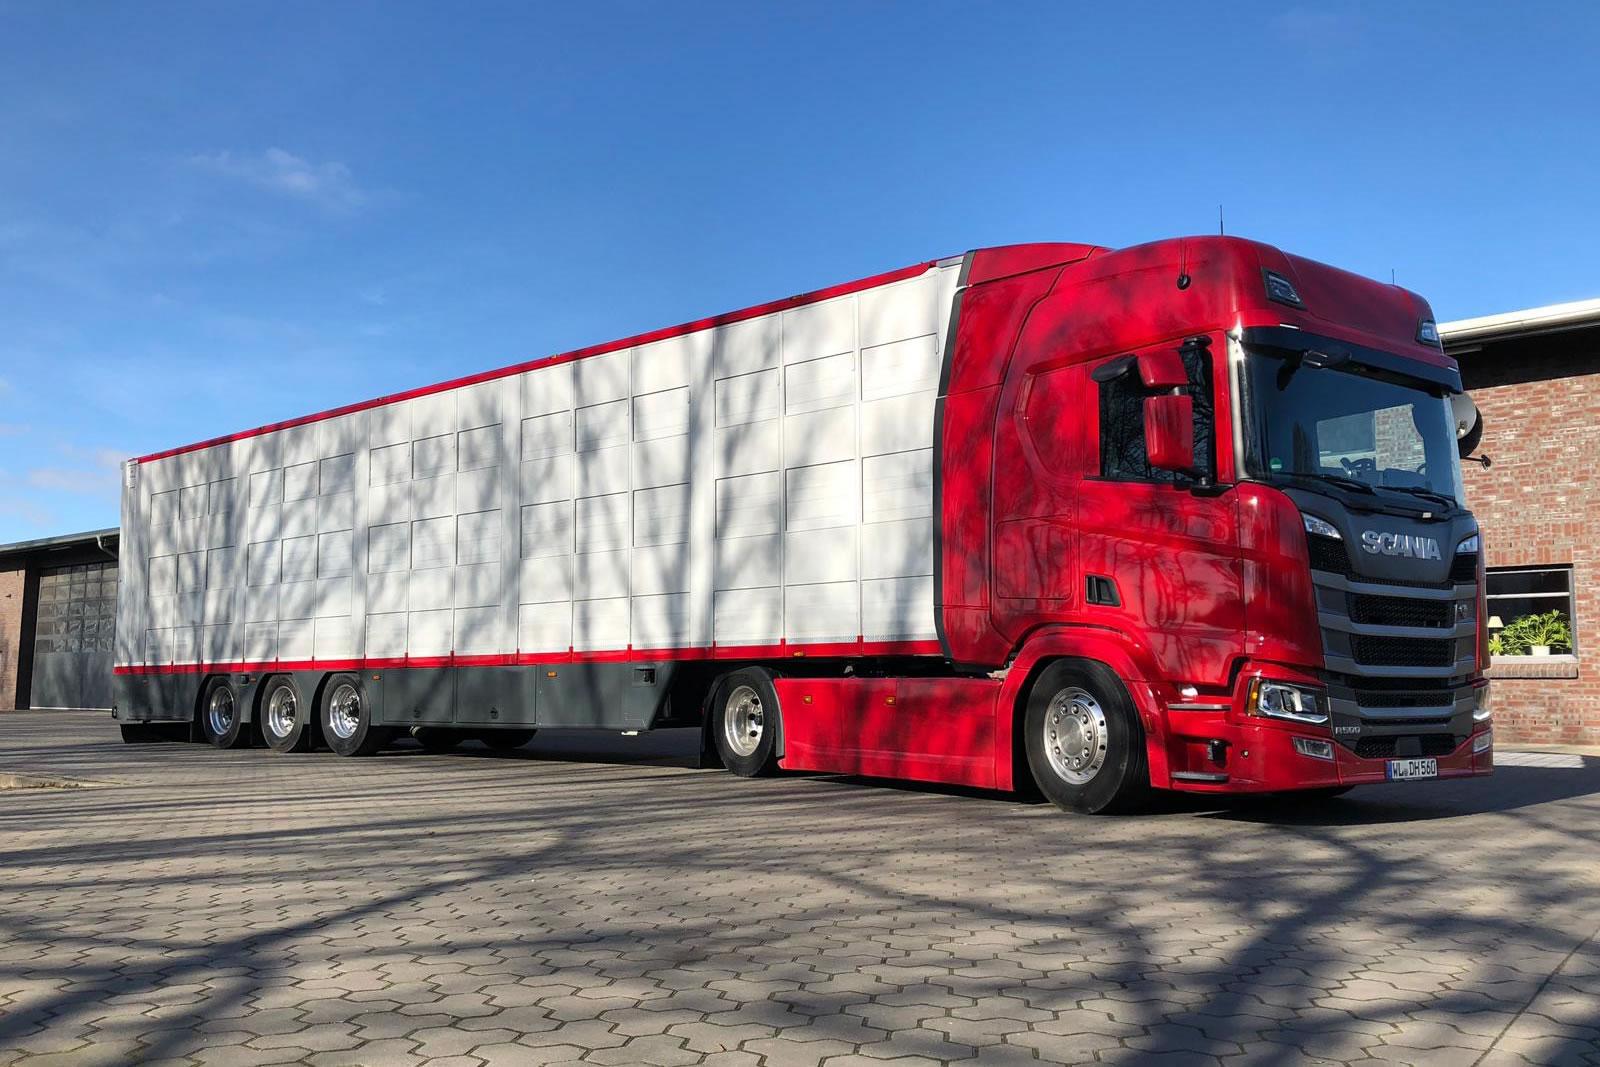 LKW-Scania_2019-02c_h1067